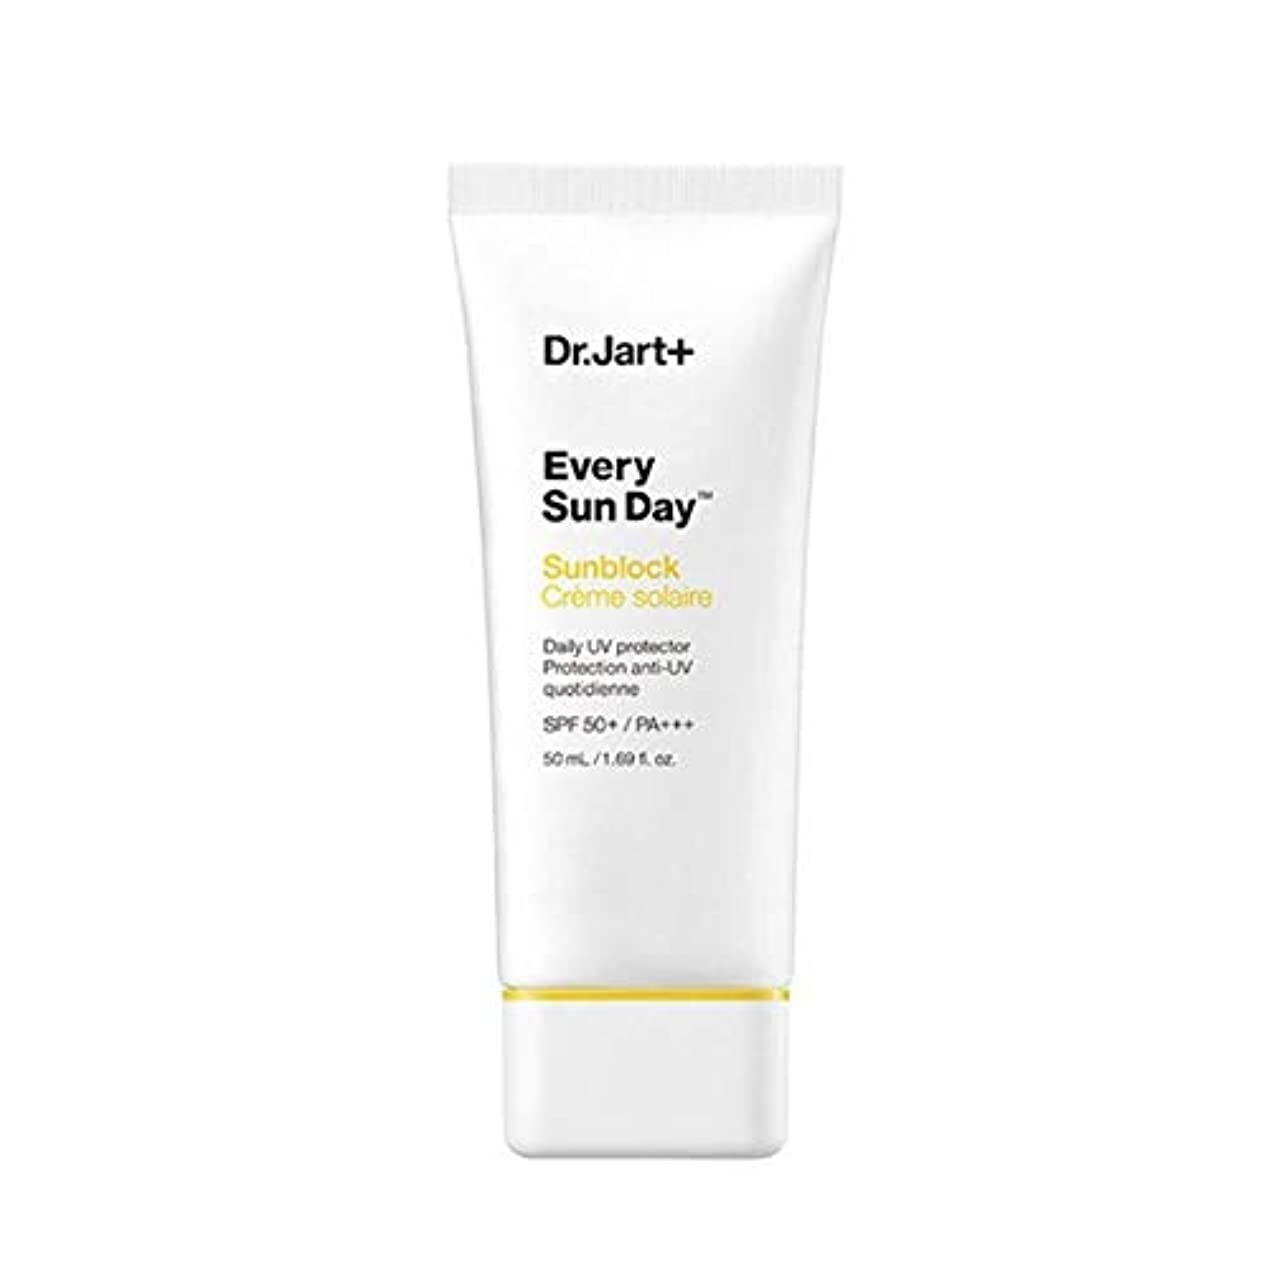 大型トラック意義海藻ドクタージャルトゥエブリサンデーサンブロック50mlサンクリーム韓国コスメ、Dr.Jart Every Sun Day Sun Block 50ml Sun Cream Korean Cosmetics [並行輸入品]